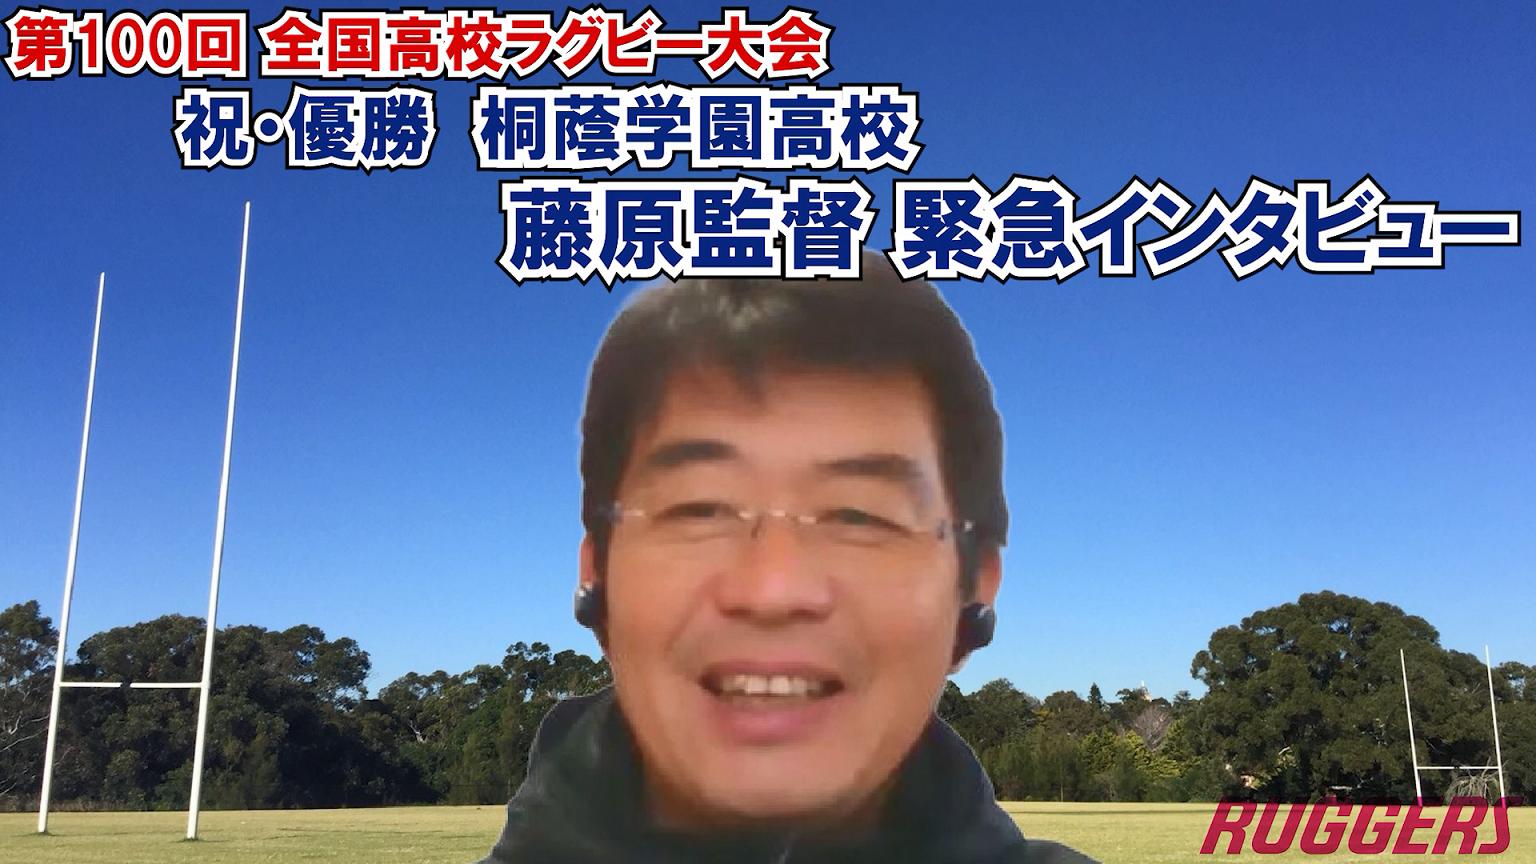 祝!花園優勝!! 桐蔭学園・藤原監督 緊急インタビュー